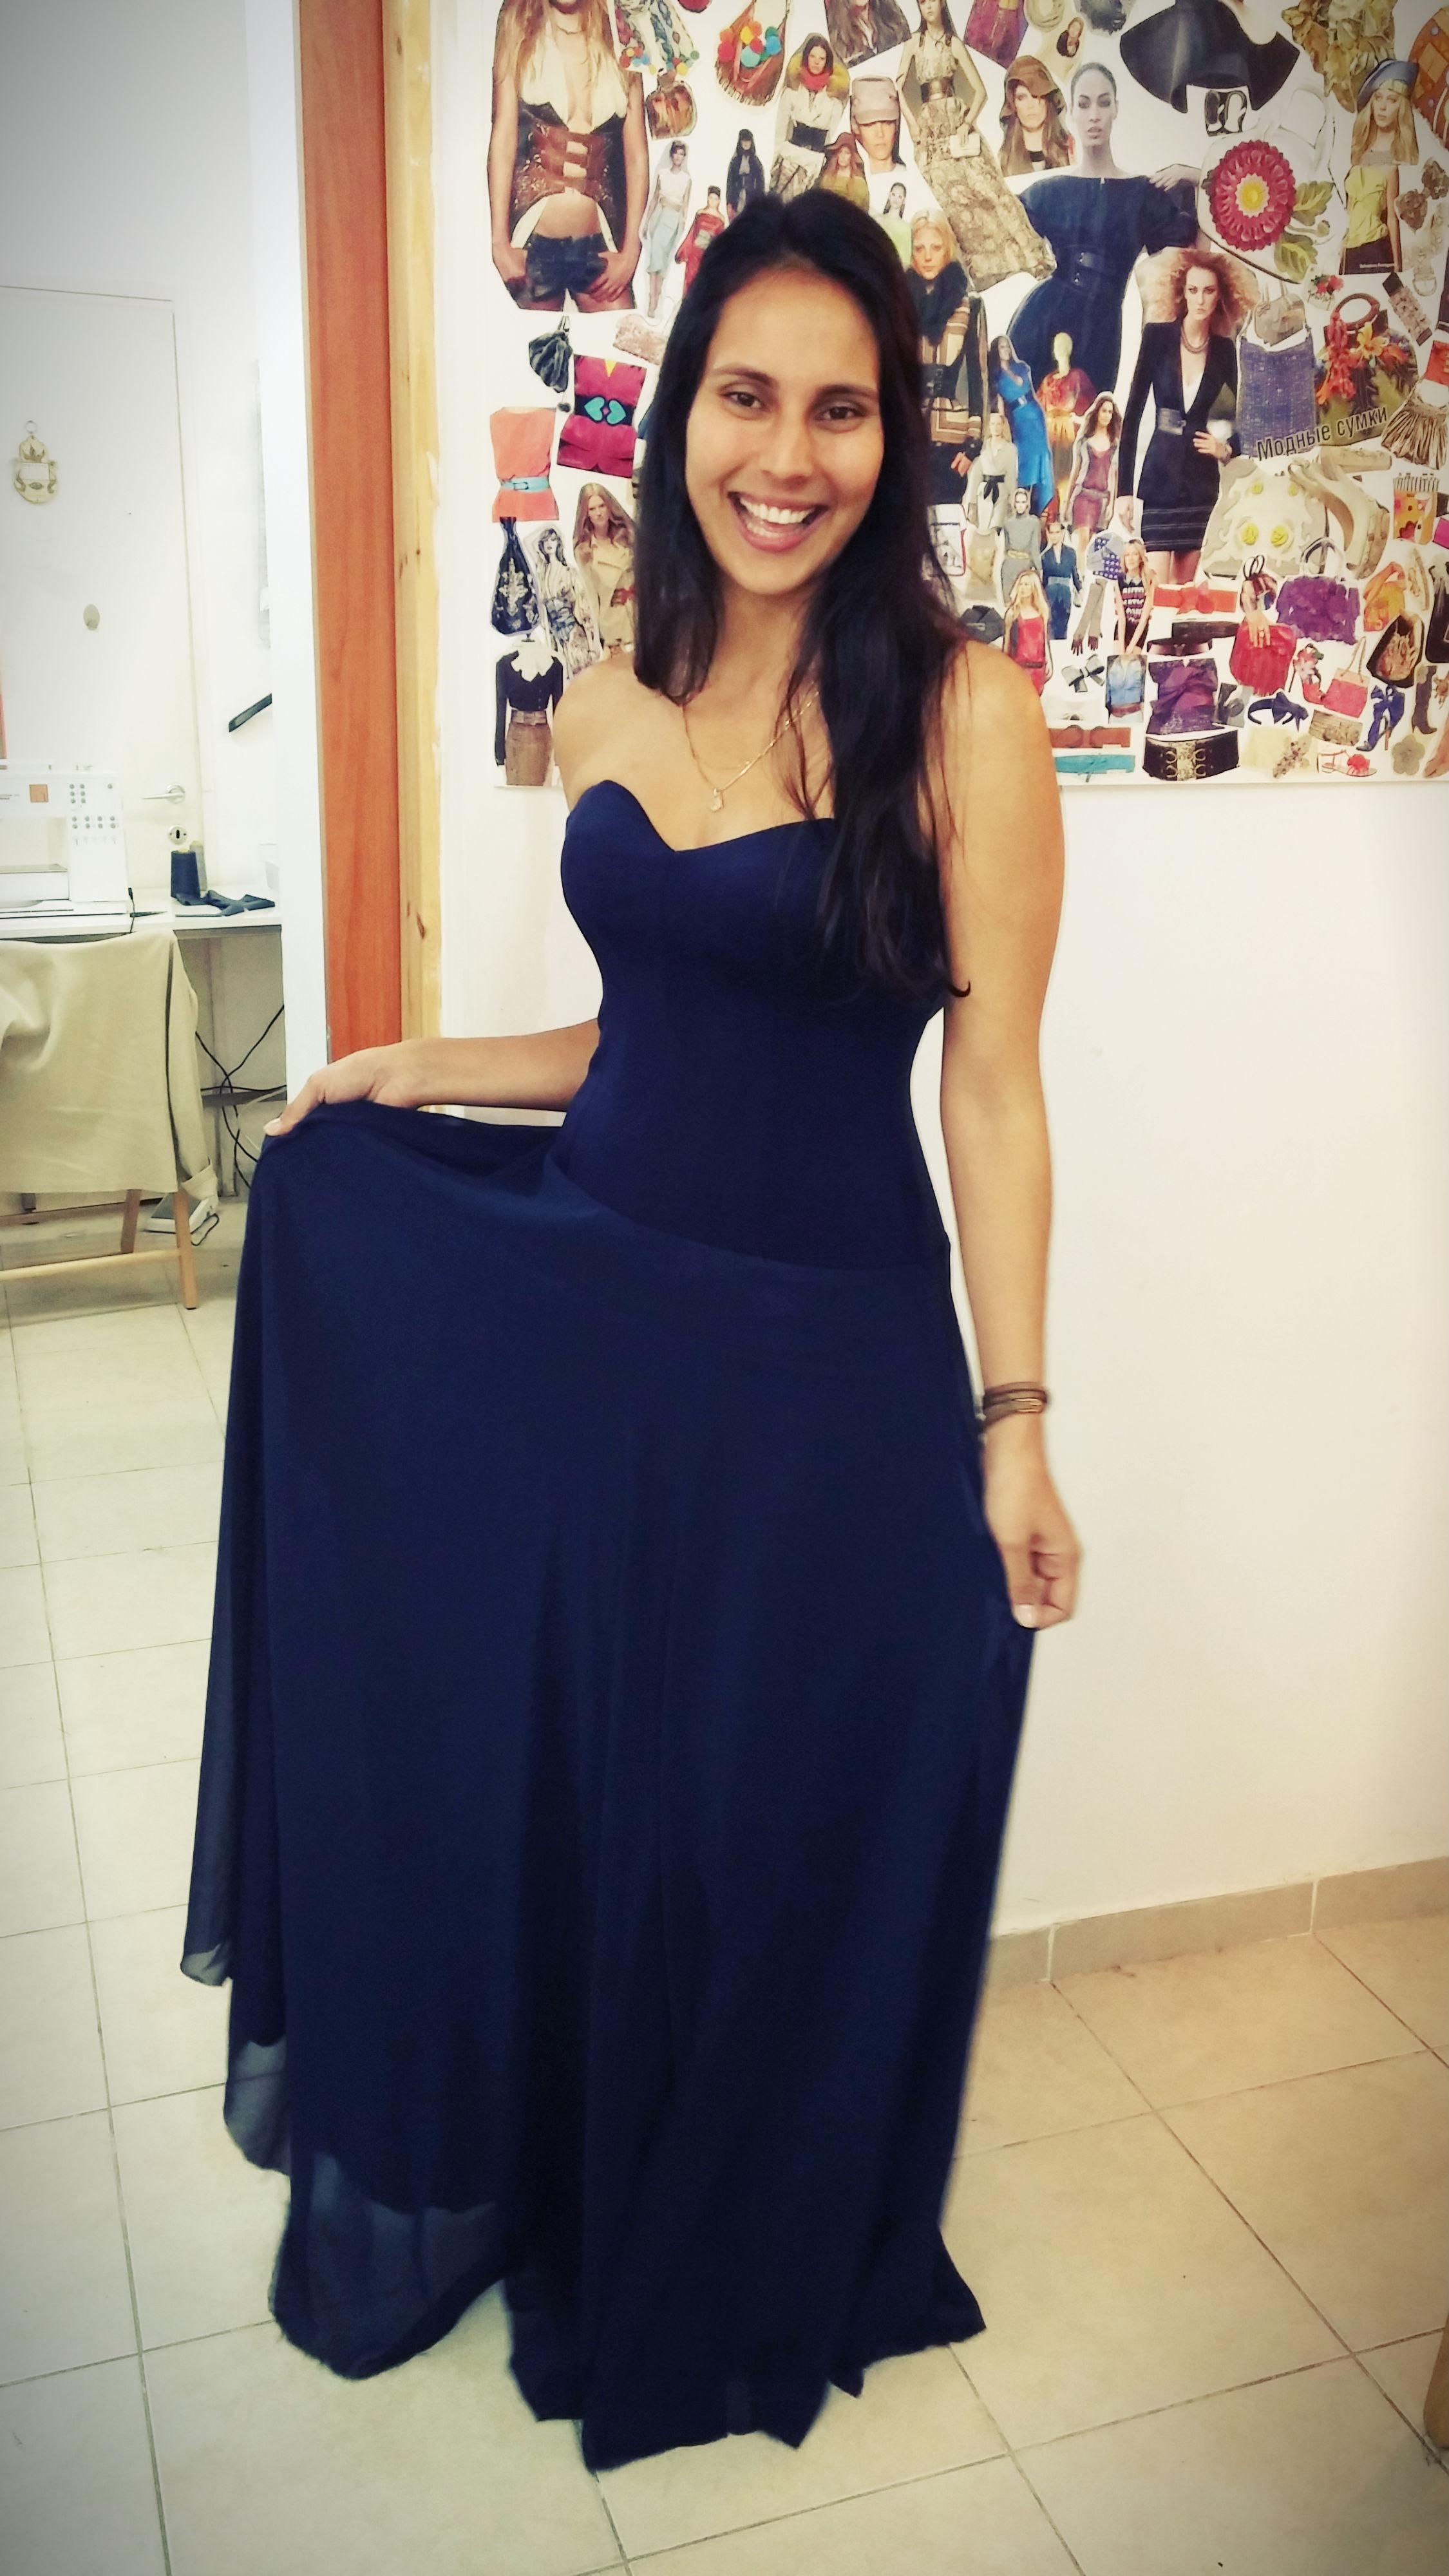 תמר בשמלה בעיצובה